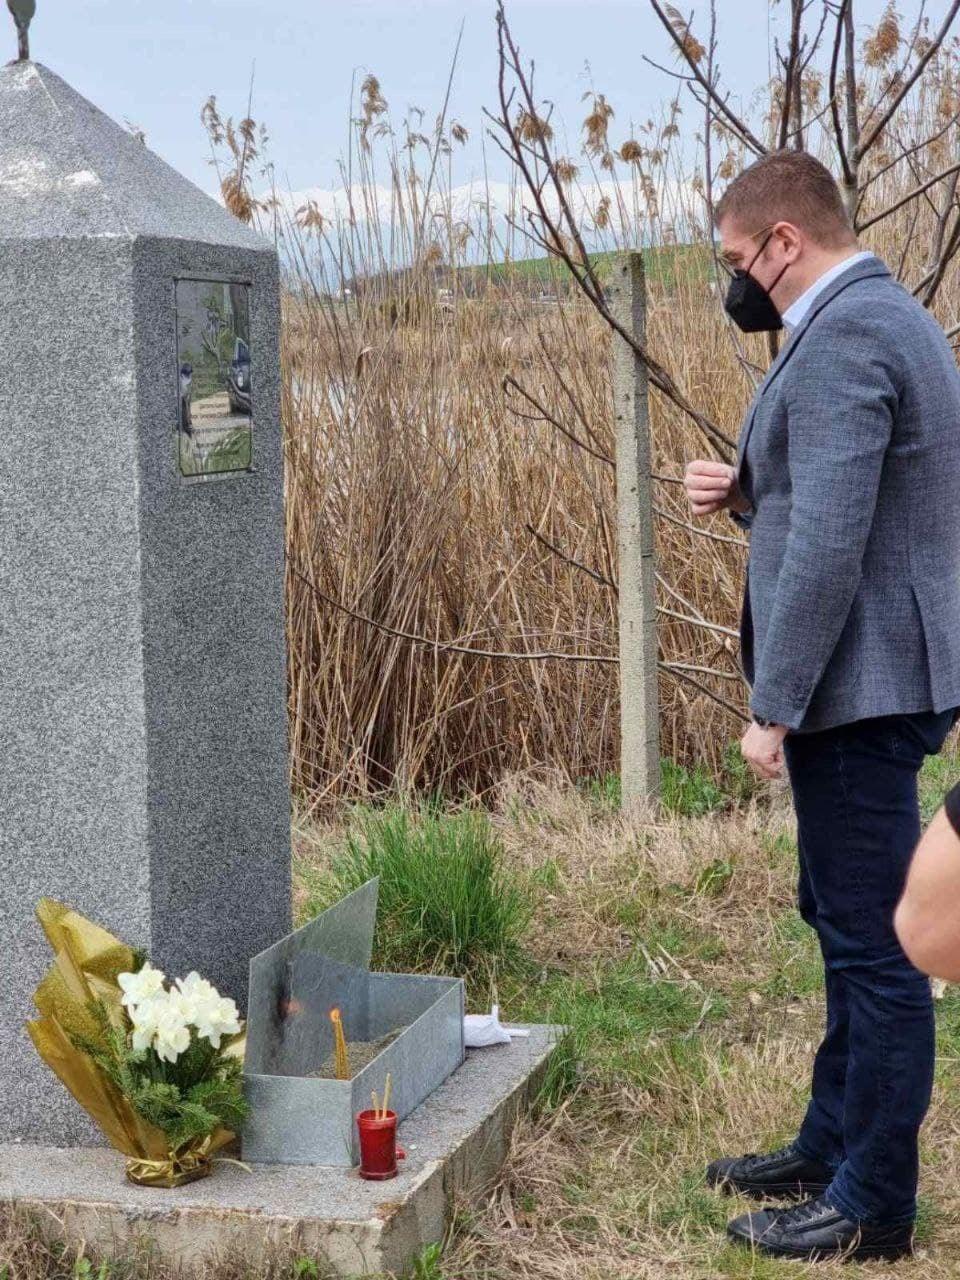 Мицкоски запали свеќа: Слава им на загинатите кај Смилковско – луѓе кои не погрешија ништо, а платија со животите